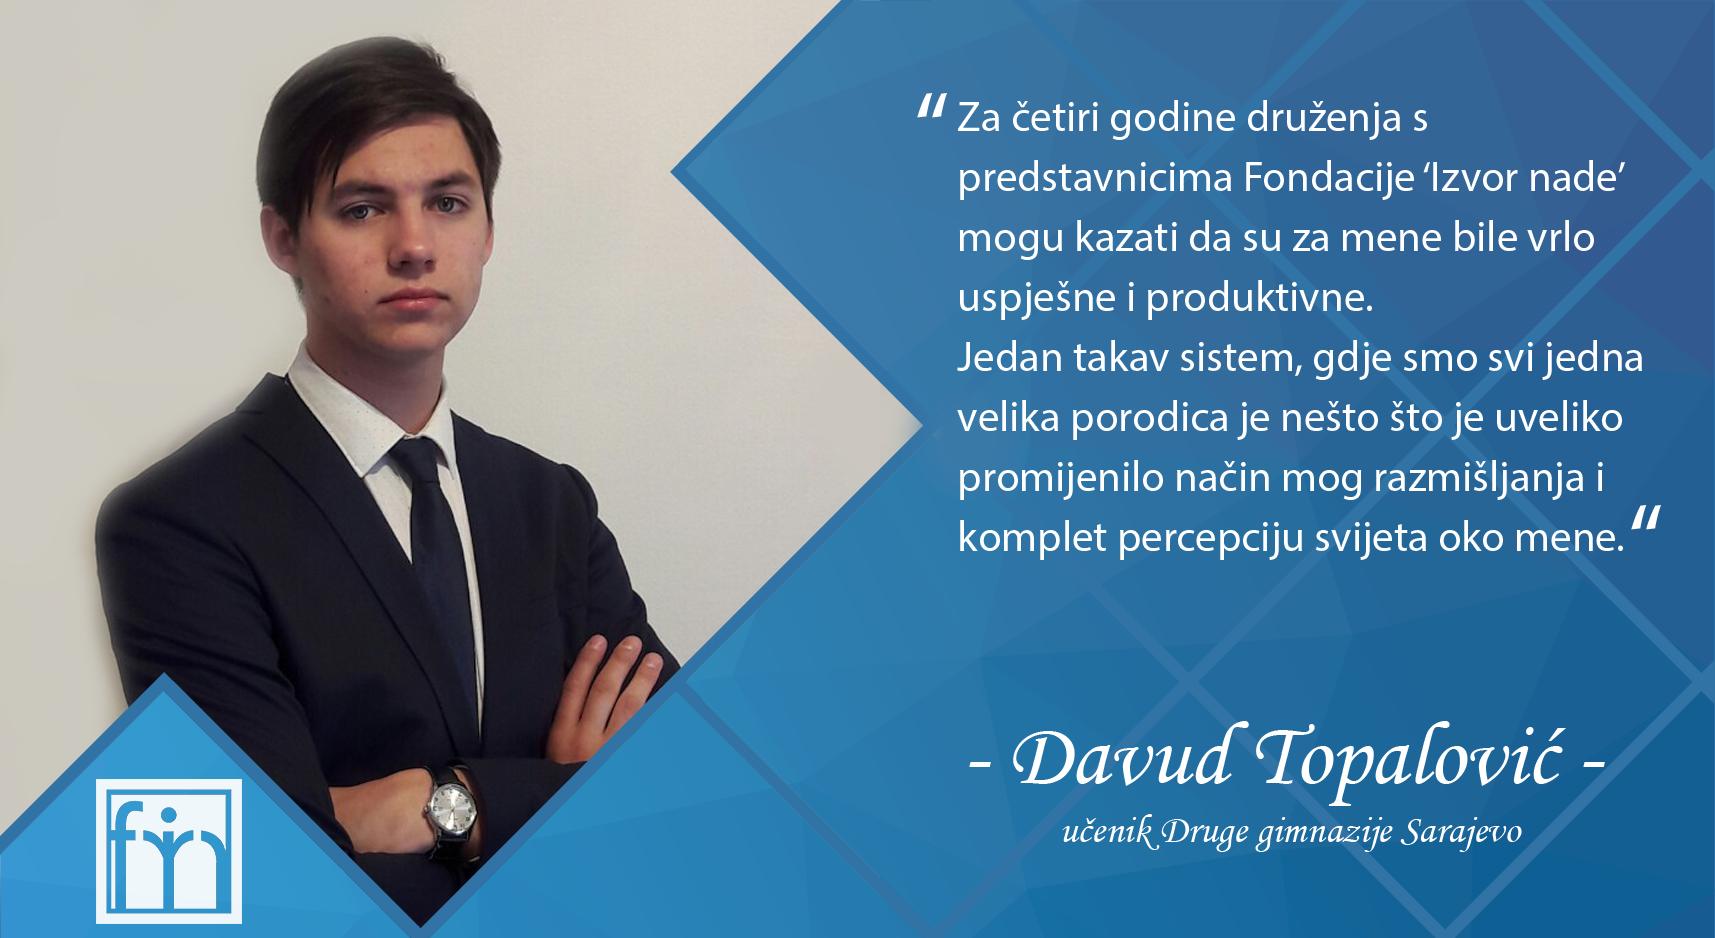 Davud_Topalovic_Izvor_nade